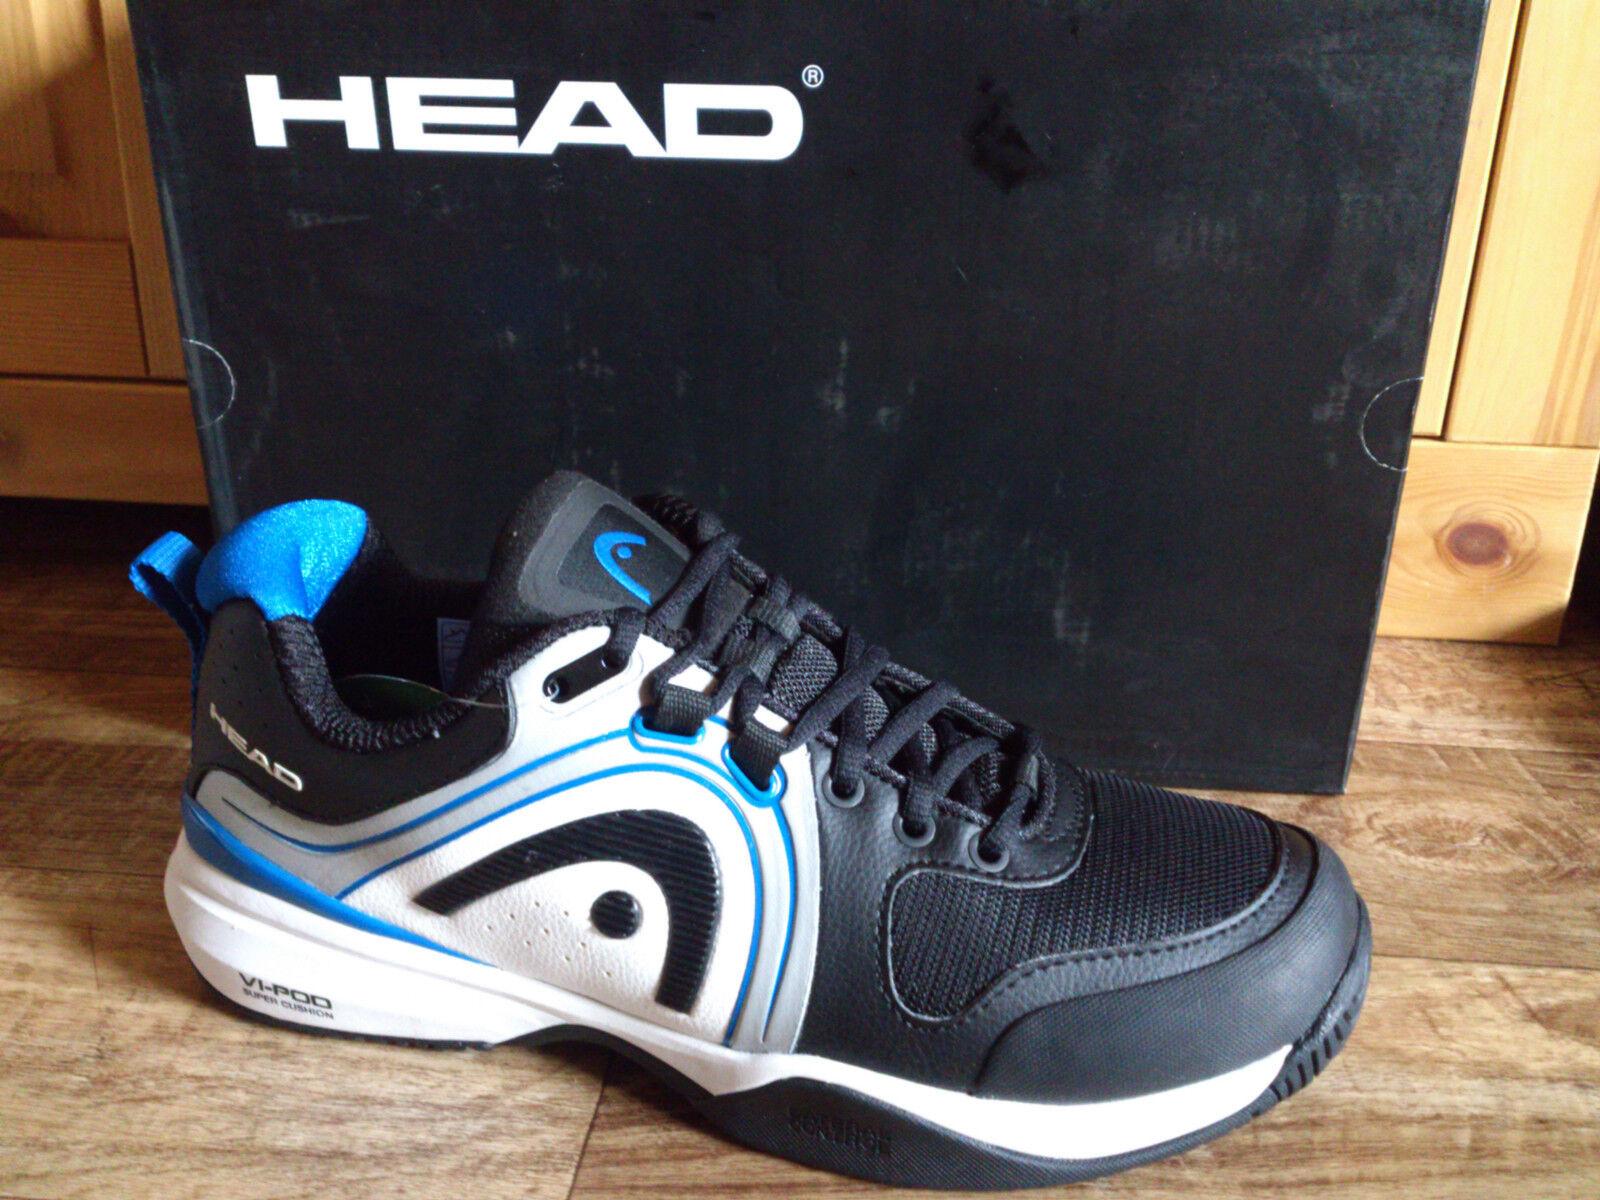 HEAD HEAD HEAD Cruze Pro Herren Tennisschuhe 42,5, 44,5  UK 8,5, 10 NEU schwarz blau d09c8c